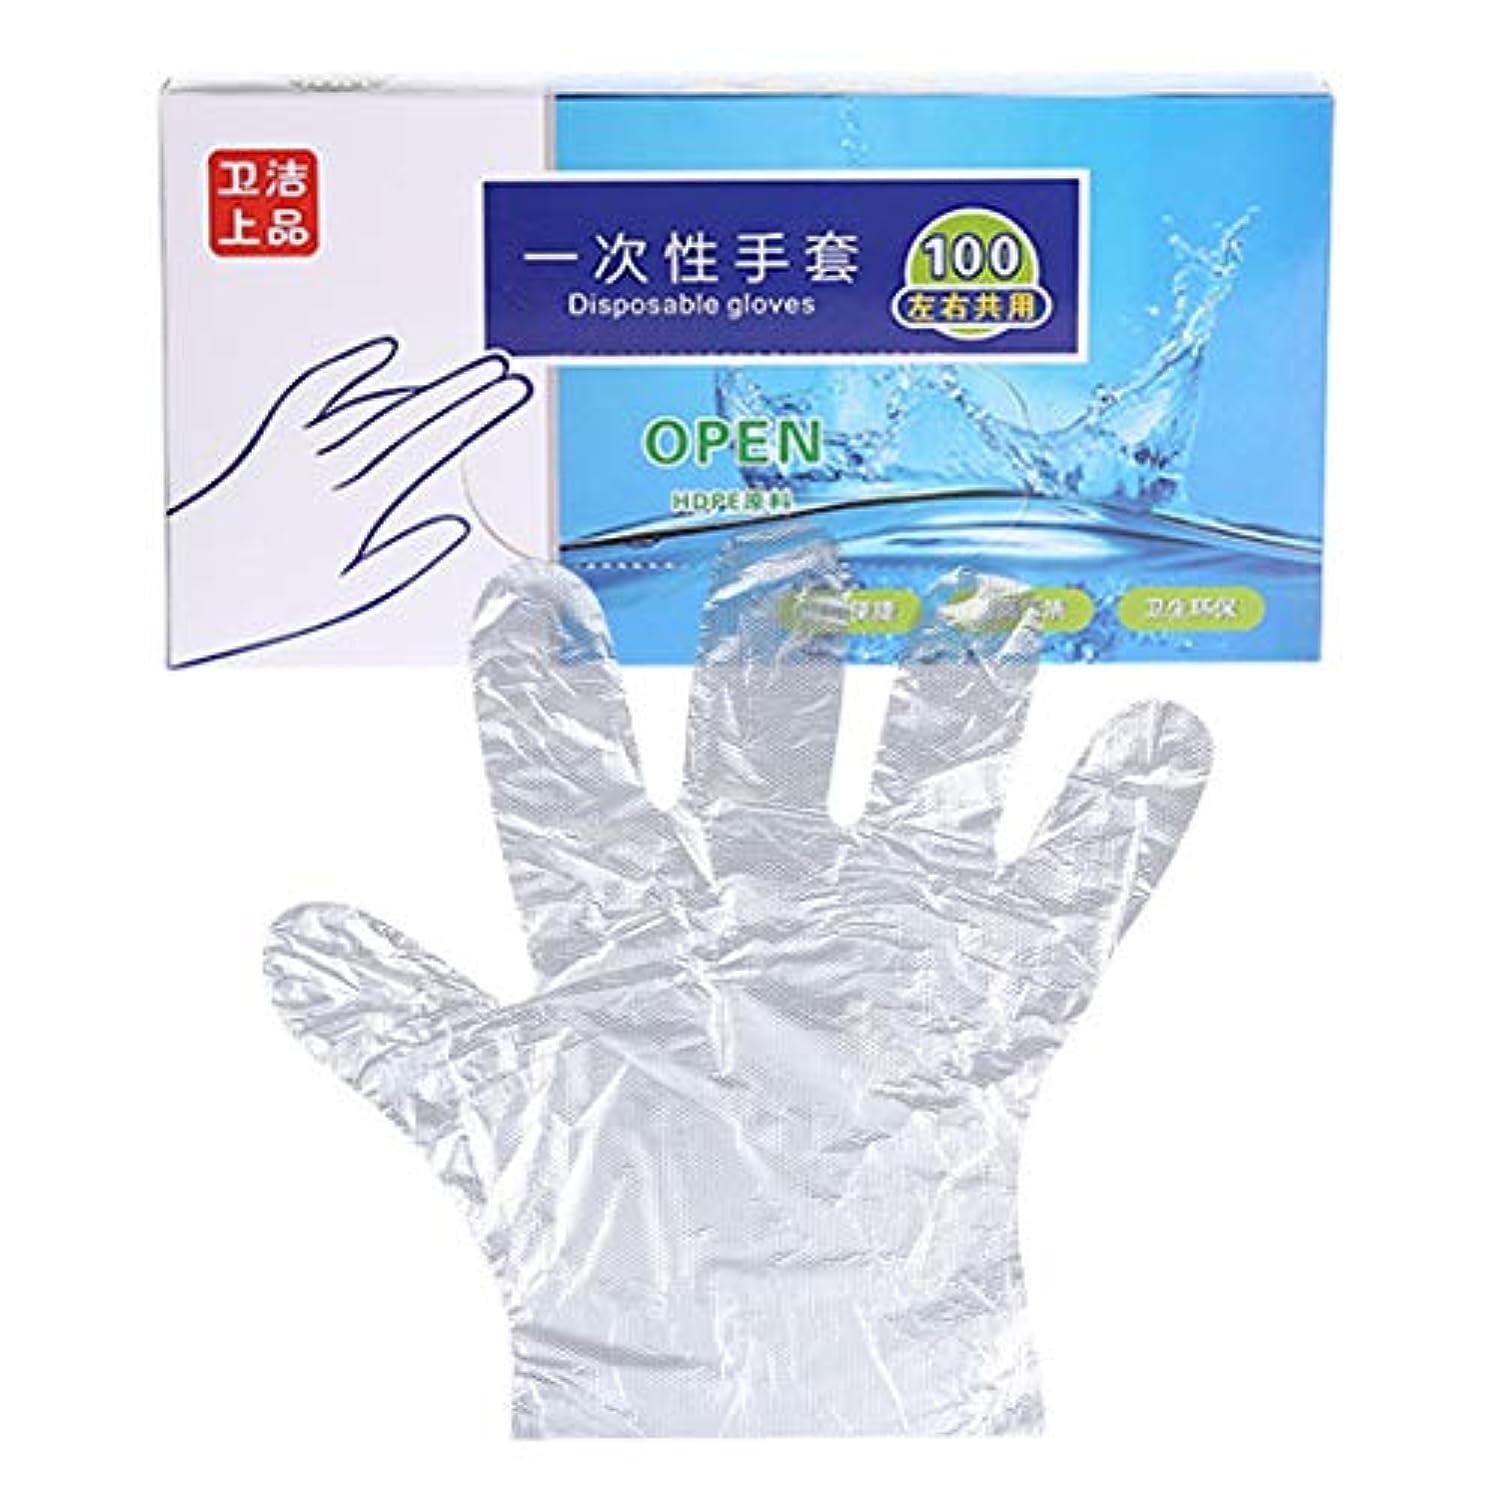 対話ピア突き出すBemin 使い捨て手袋 100本入 透明 フリーサイズ グローブ ポリエチレン手袋 左右兼用 ポリエチレン PE 実用 衛生 調理 清掃 染髪